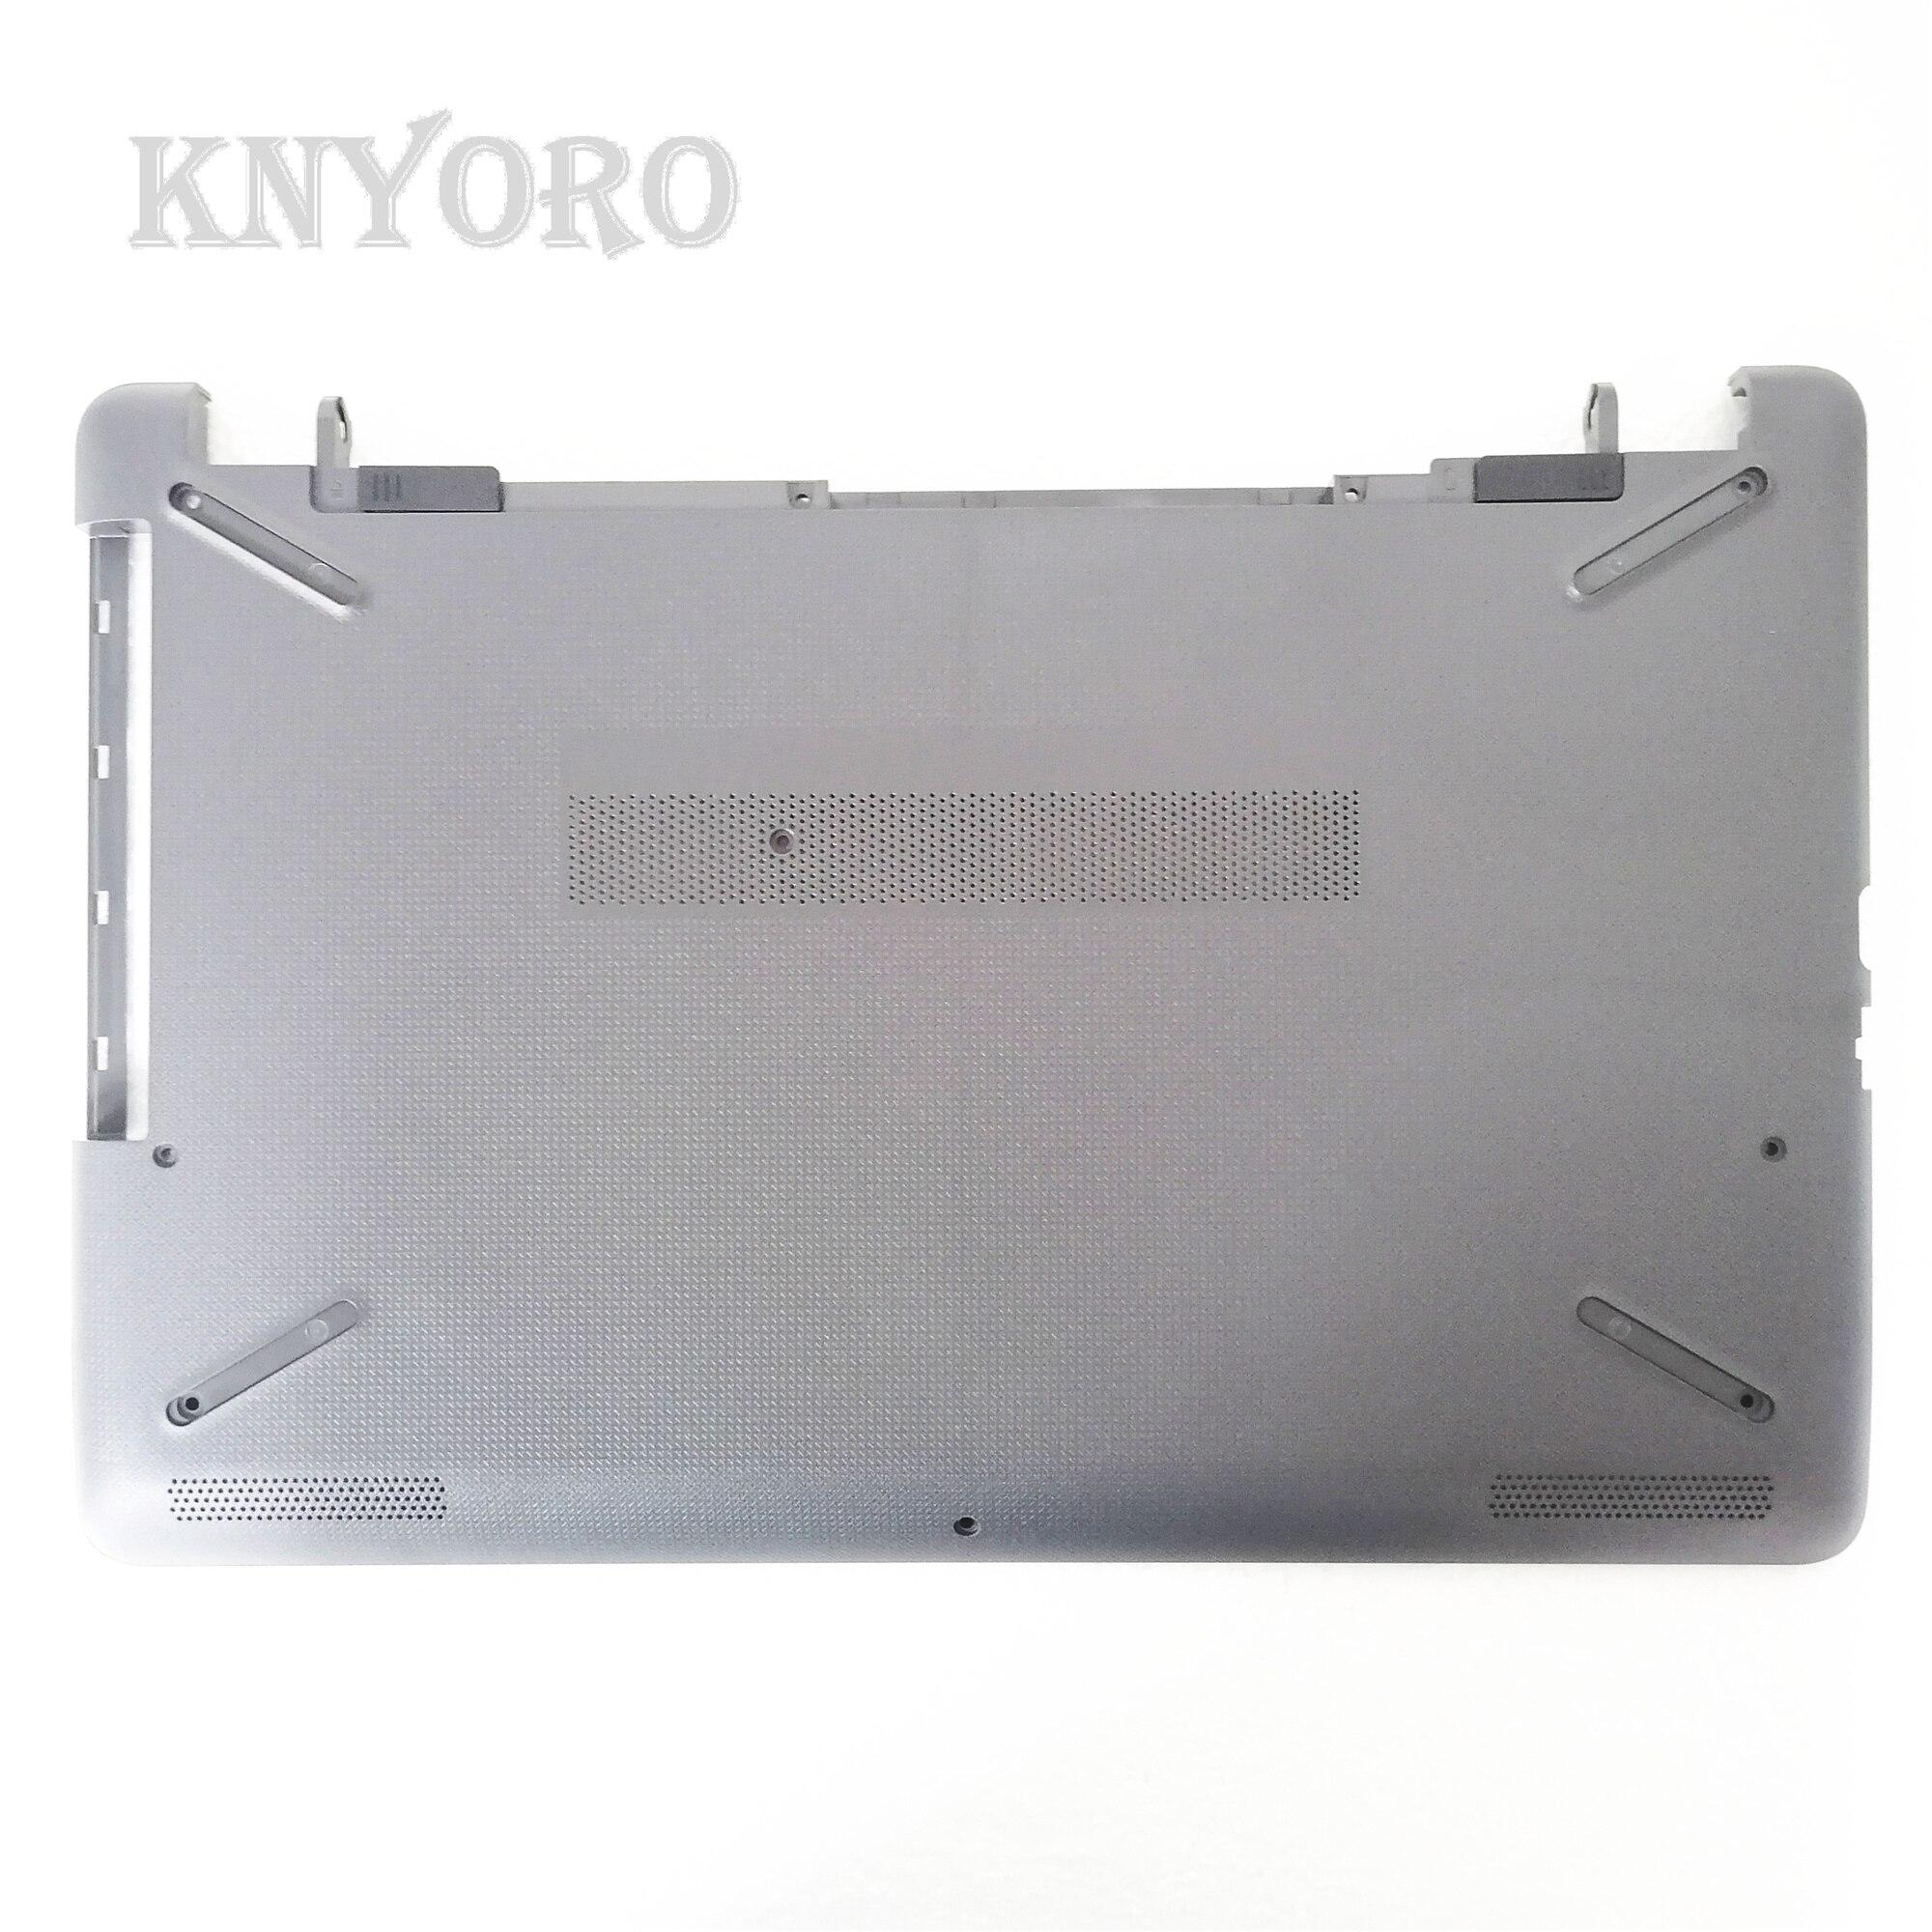 العلامة التجارية الجديدة حقيبة لاب توب بقاعدة غطاء مع واجهة دي في دي و VGA ل HP 15-BS 15T-BS 15-BW 250 G6 255 G6 929895-001 929894-001